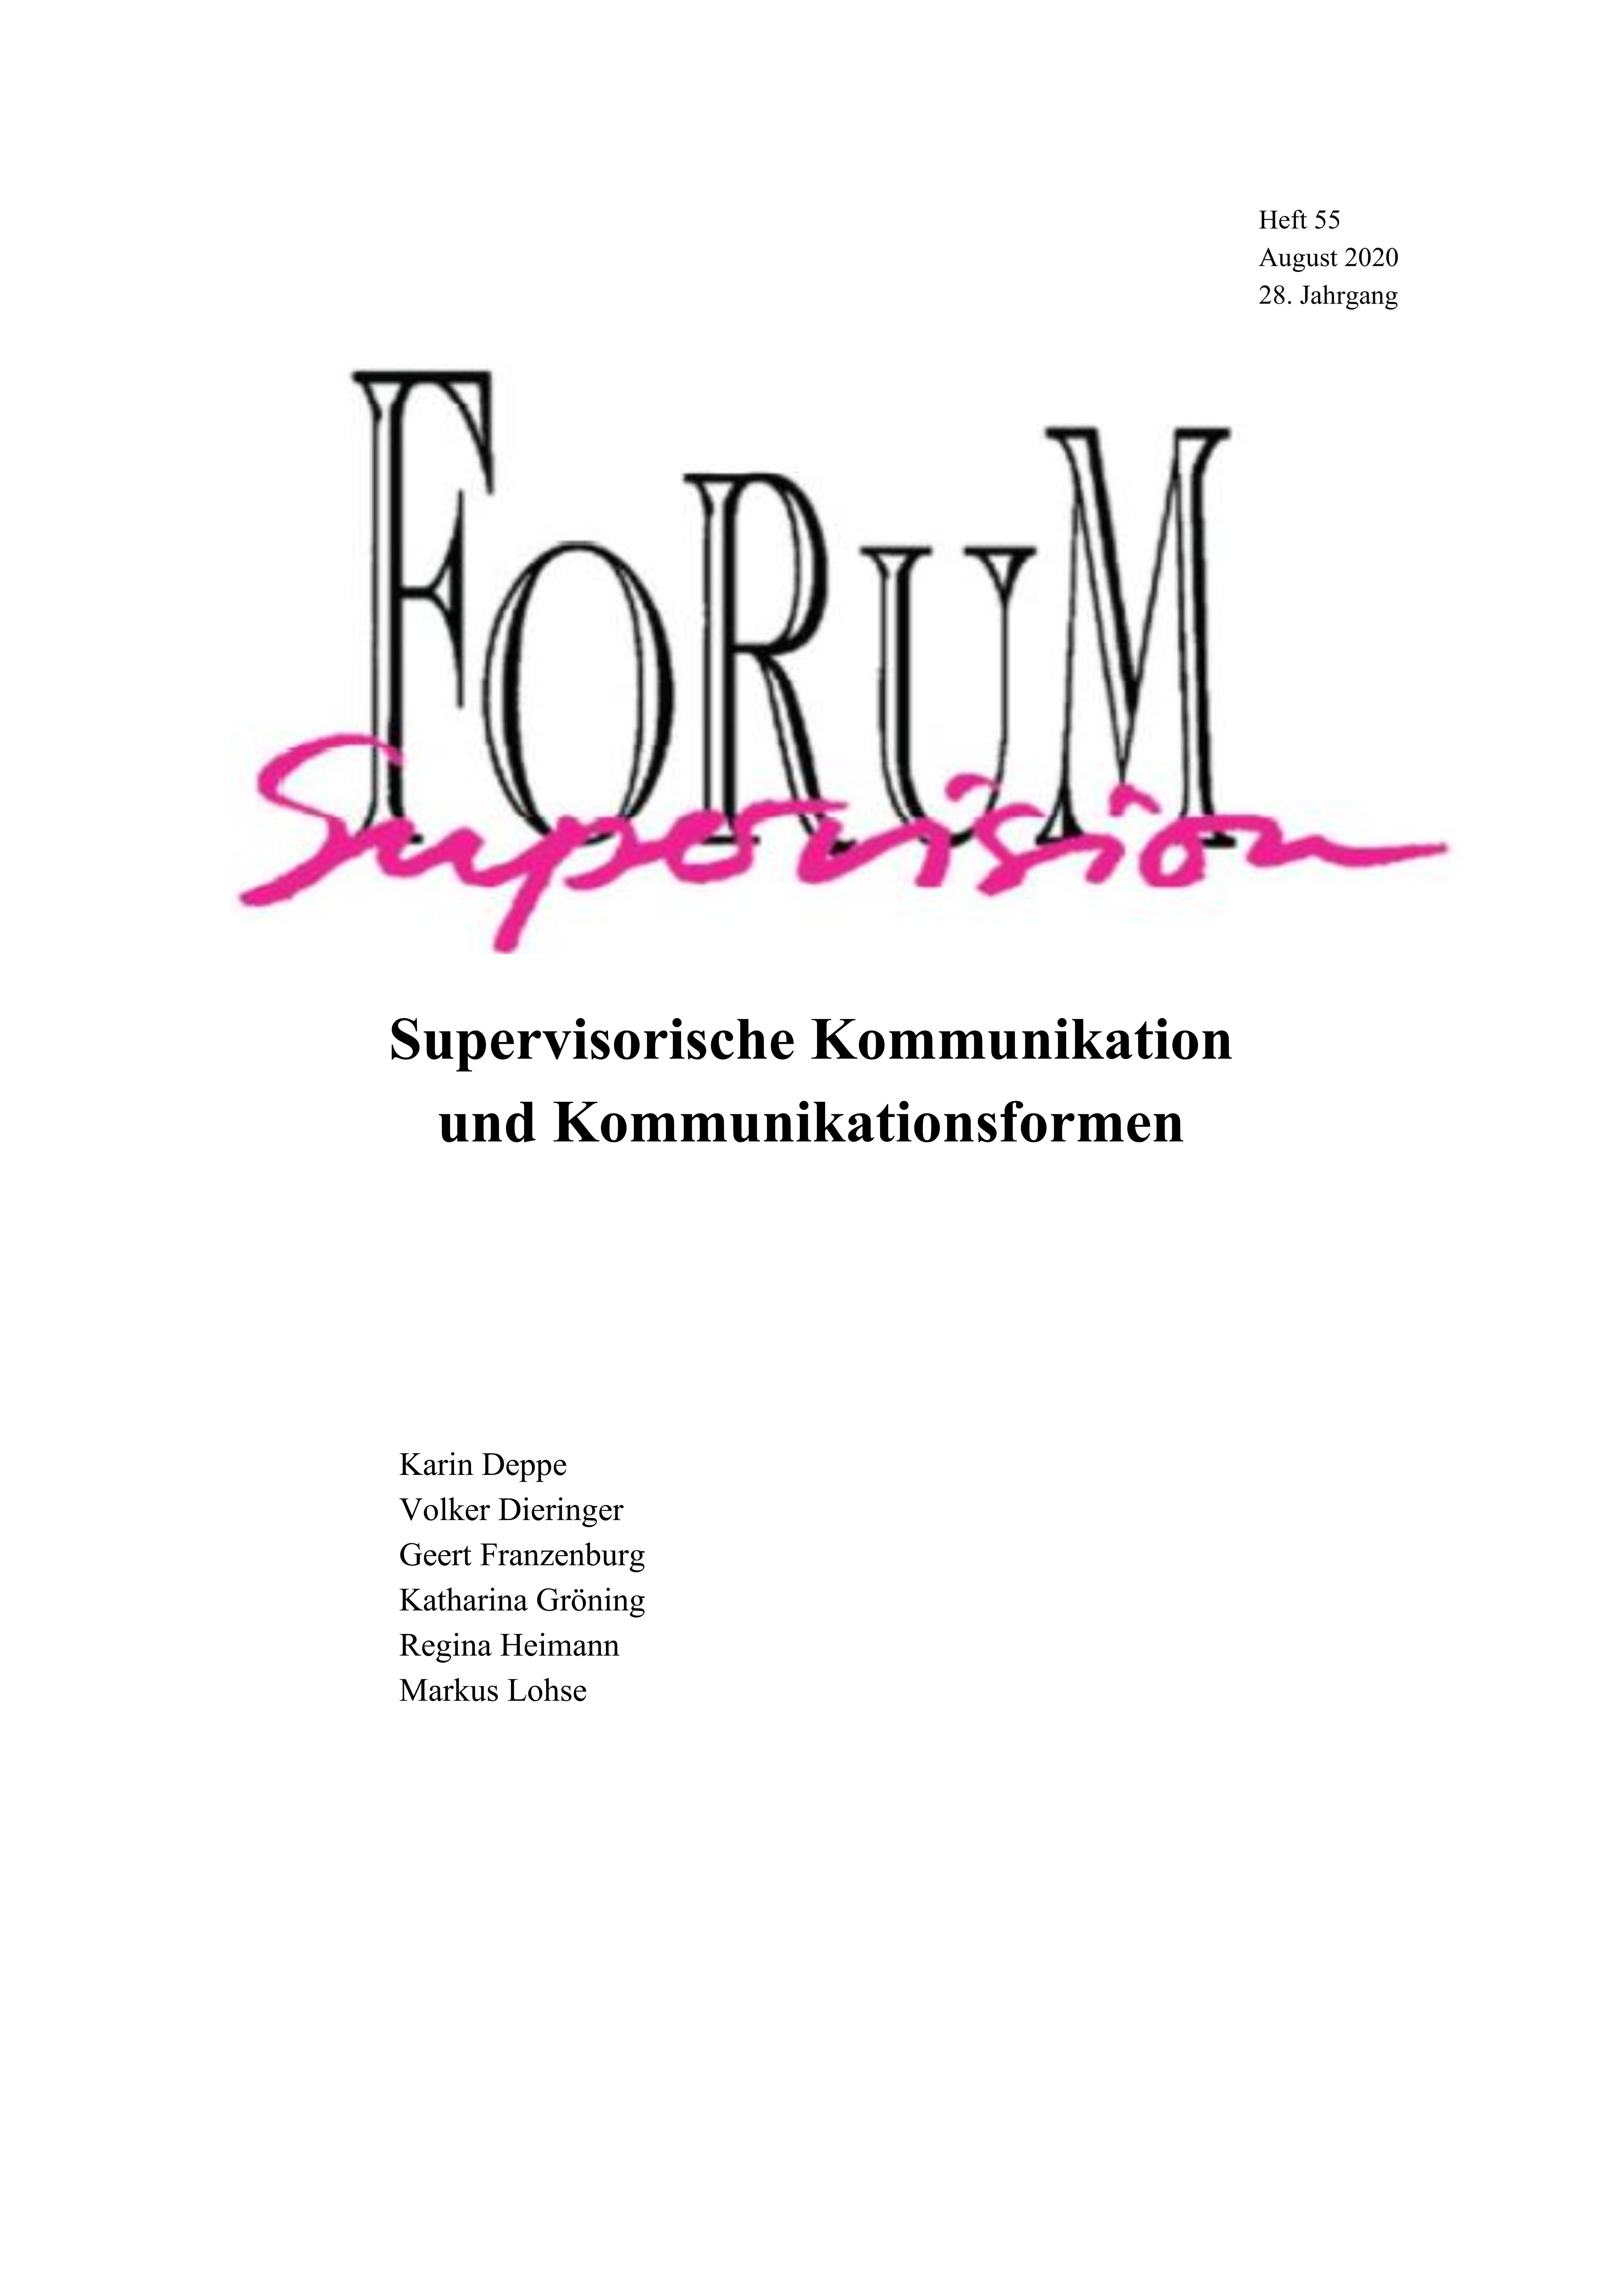 Ansehen 2020: Heft 55 - Supervisorische Kommunikation und Kommunikationsformen